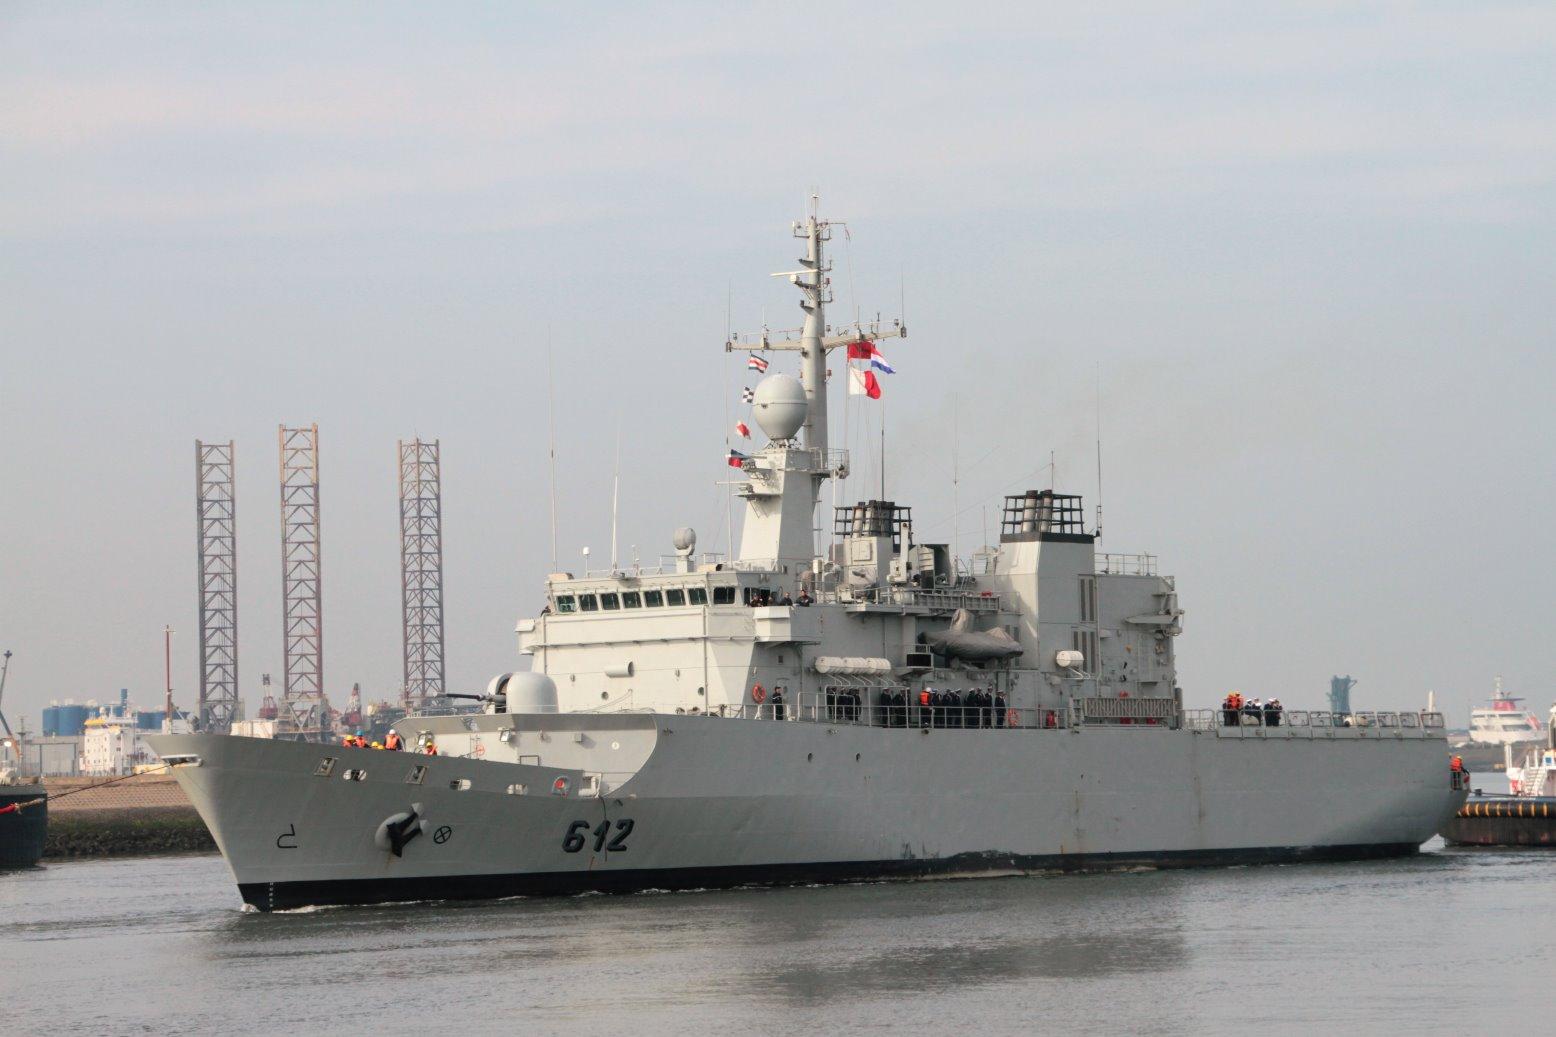 Royal Moroccan Navy Floréal Frigates / Frégates Floréal Marocaines - Page 13 40540656625_16b52f0da4_o